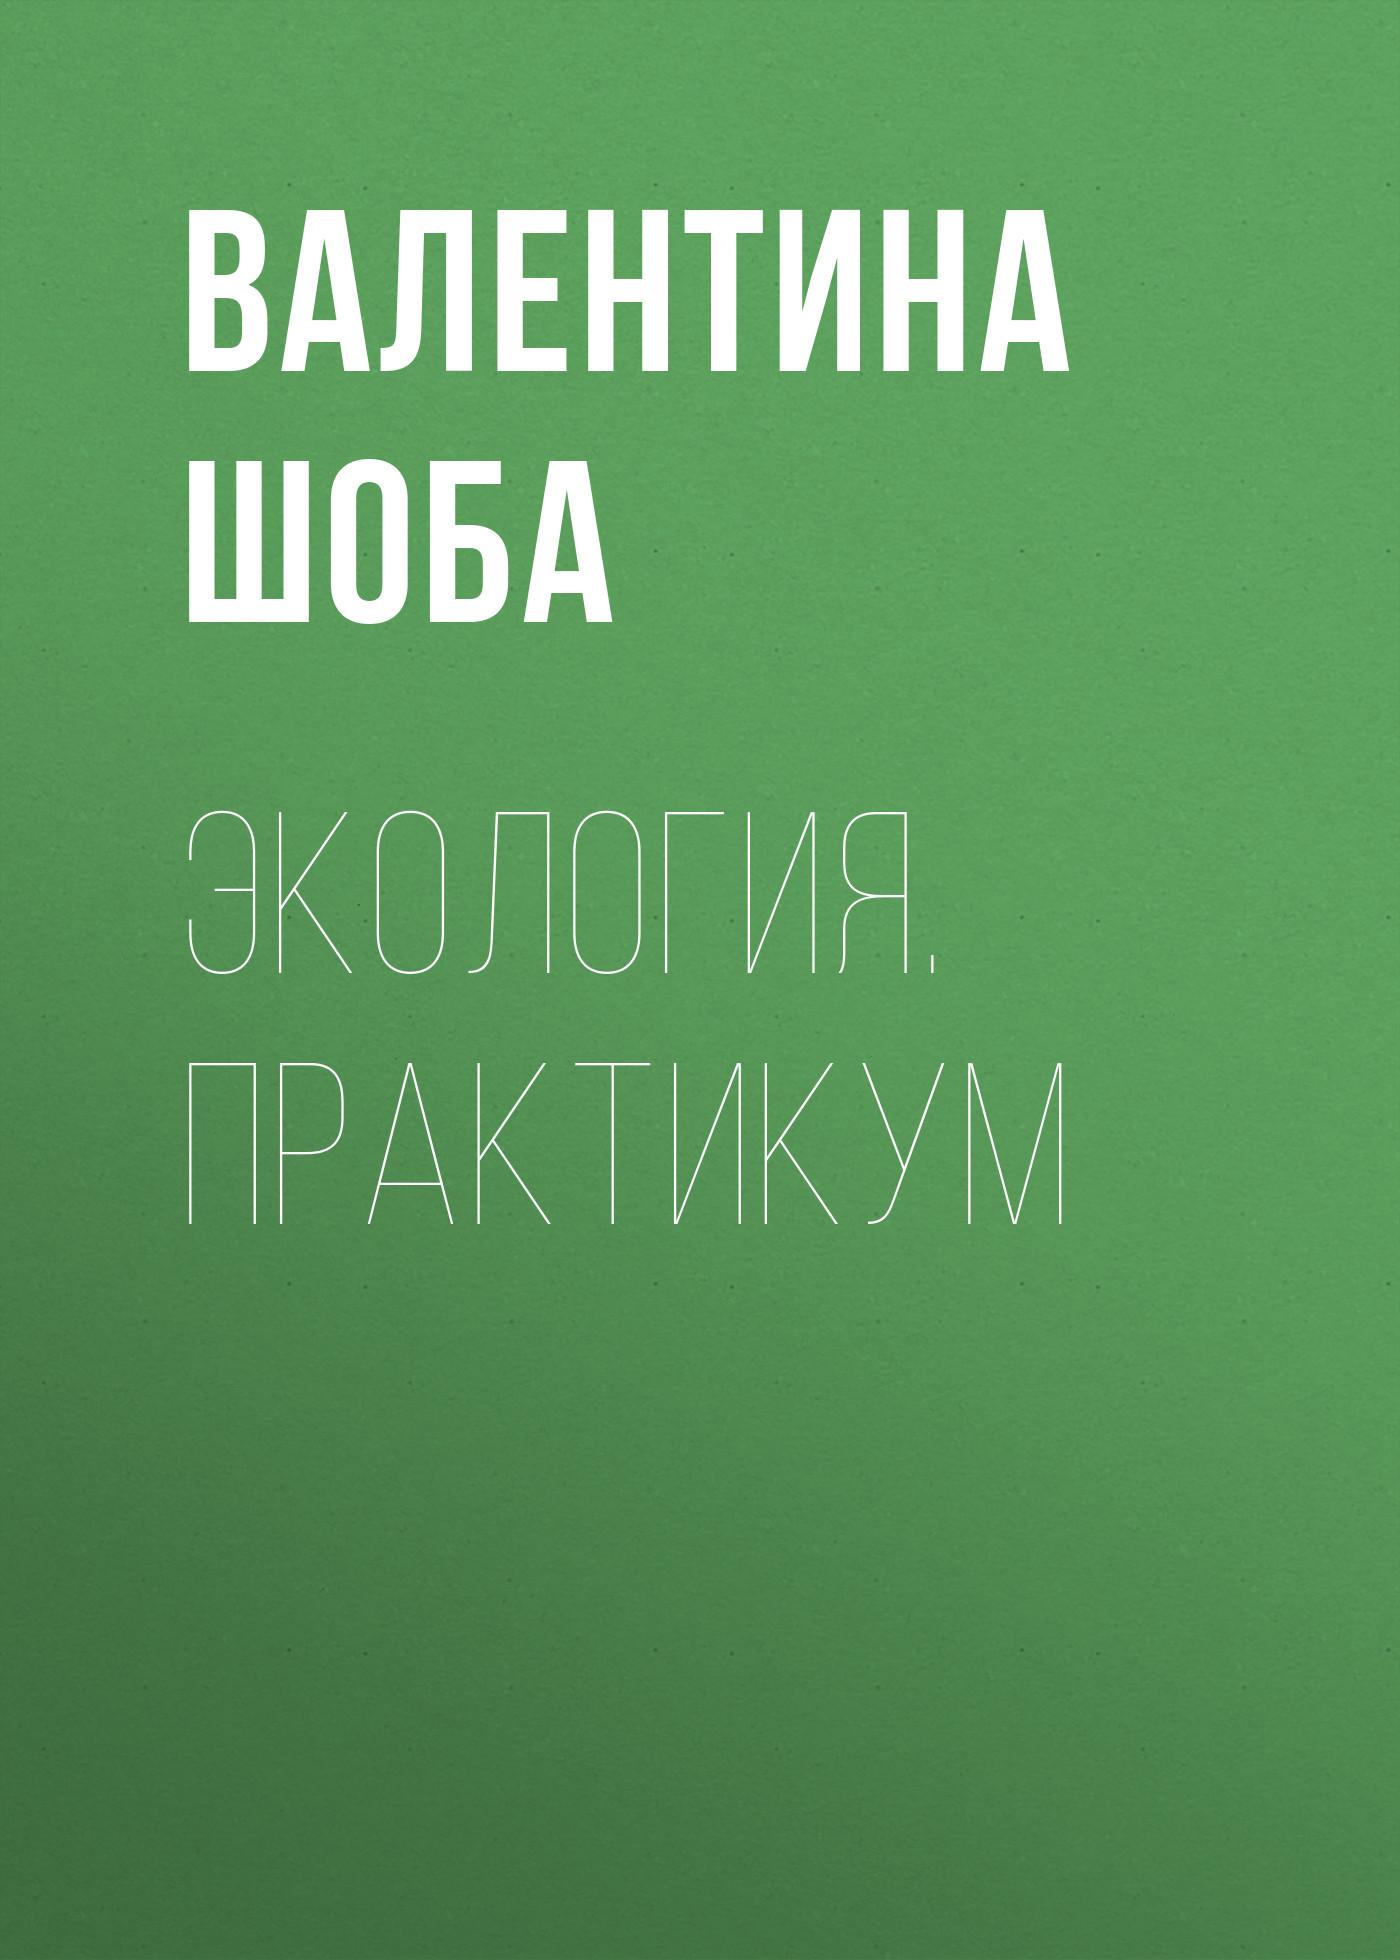 Валентина Шоба Экология. Практикум гладкий а восстановление компьютерных данных